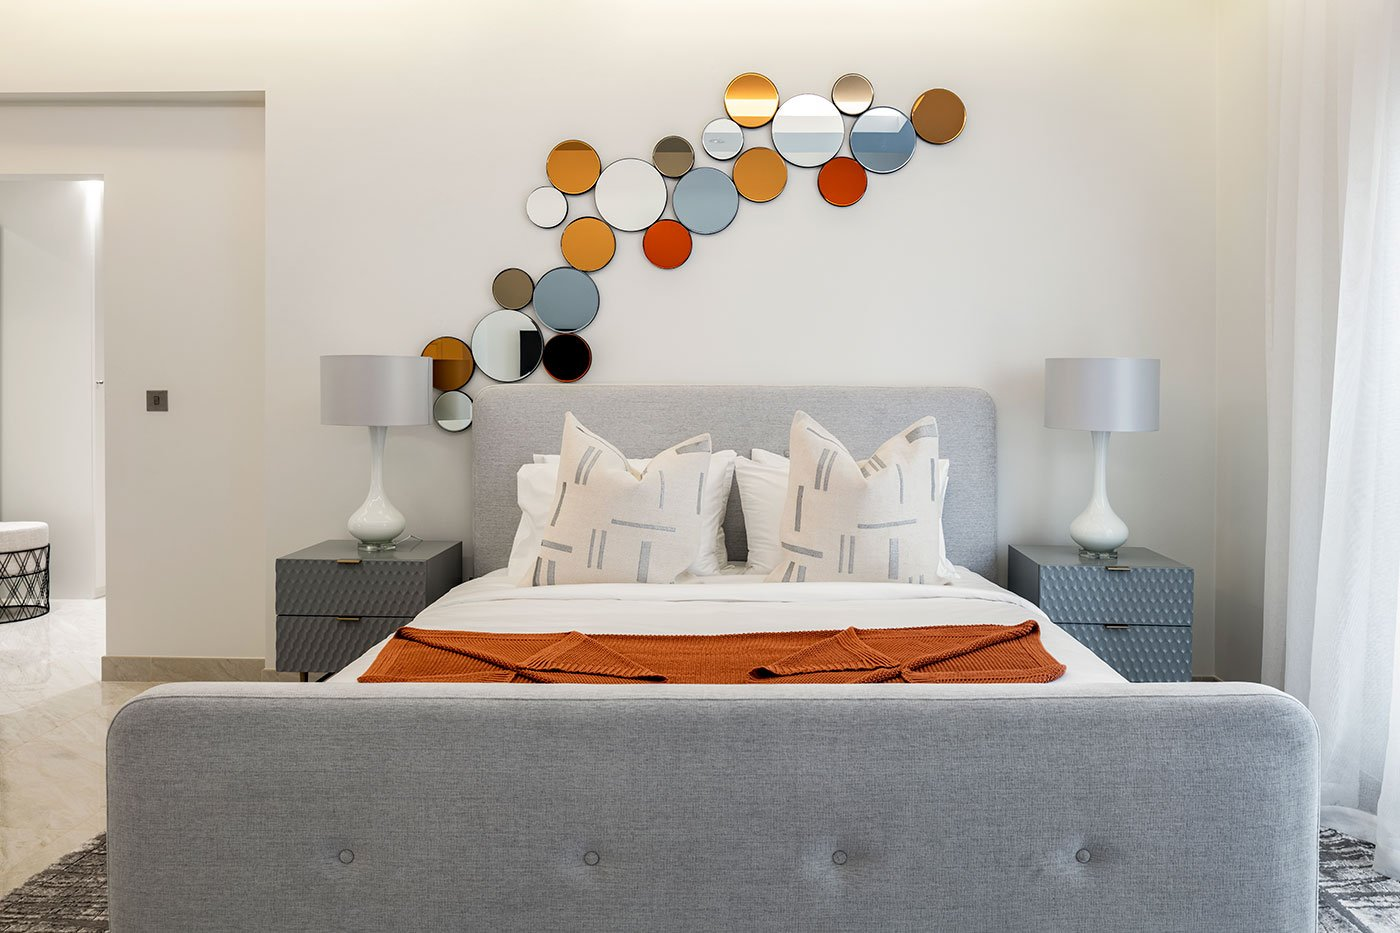 real estate interior photography dubai